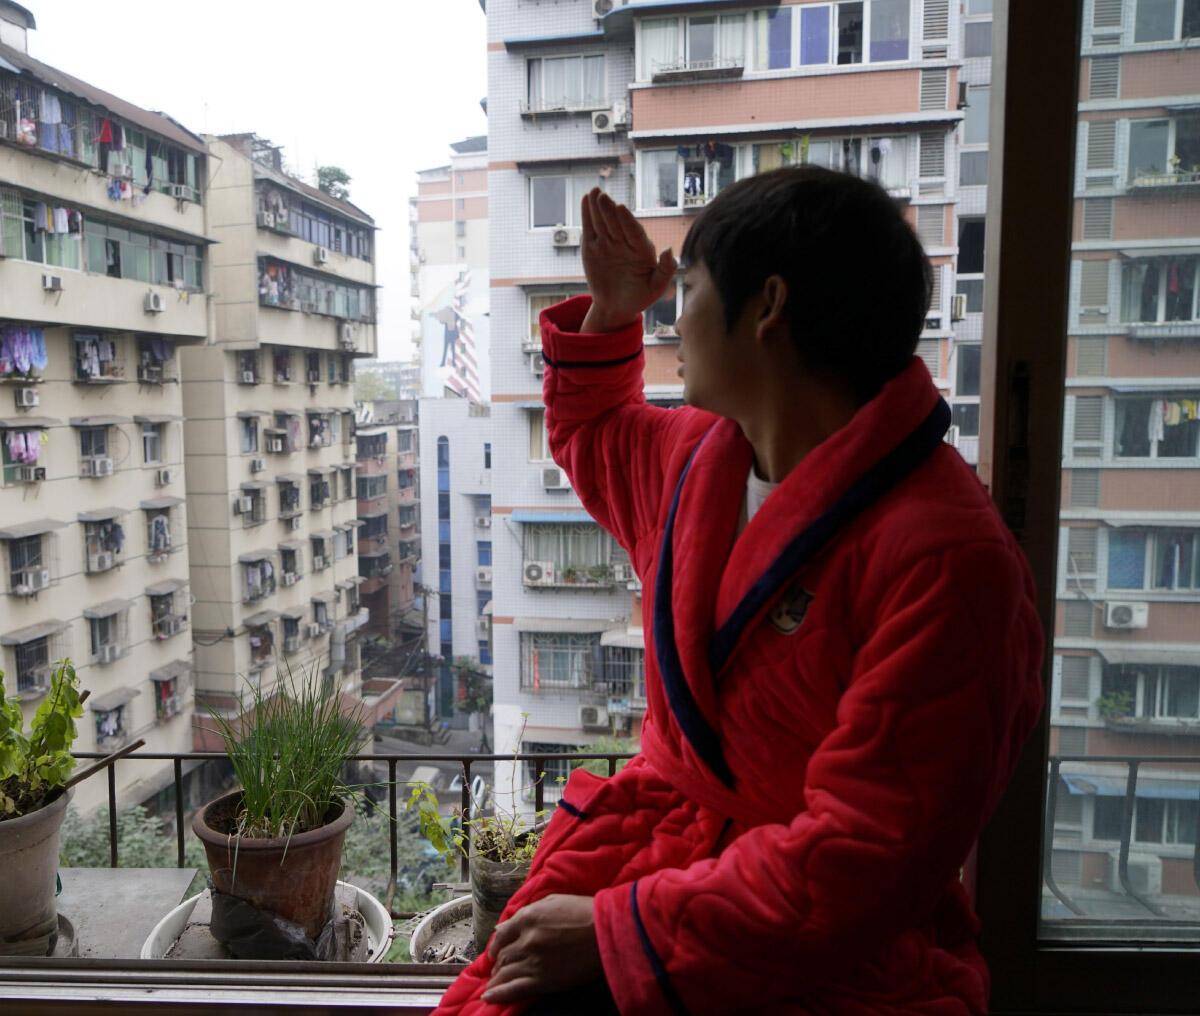 Im Klimakontinuum südchinesischer Wohnhäuser verhelfen nur individuelle Massnahmen zu etwas Wärmekomfort. Das Bild der Schweizer Künstlerin Katja Jug wurde in Chongqing aufgenommen. Es stammt aus der Künstlerpublikation Sun City (2018).  Bild: Katja Jug